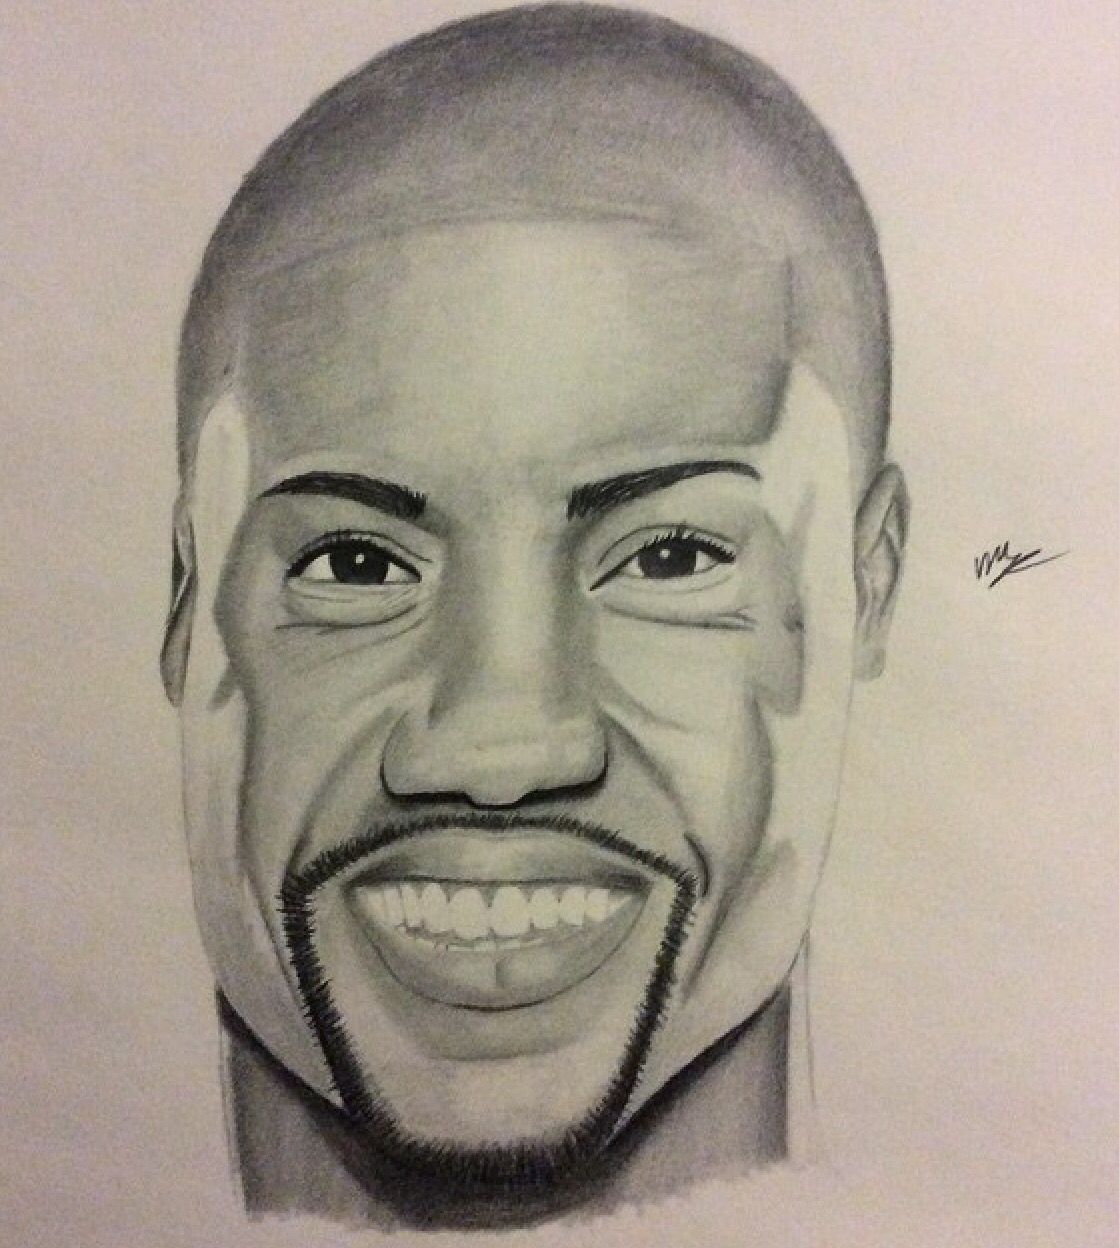 Kevin hart drawing